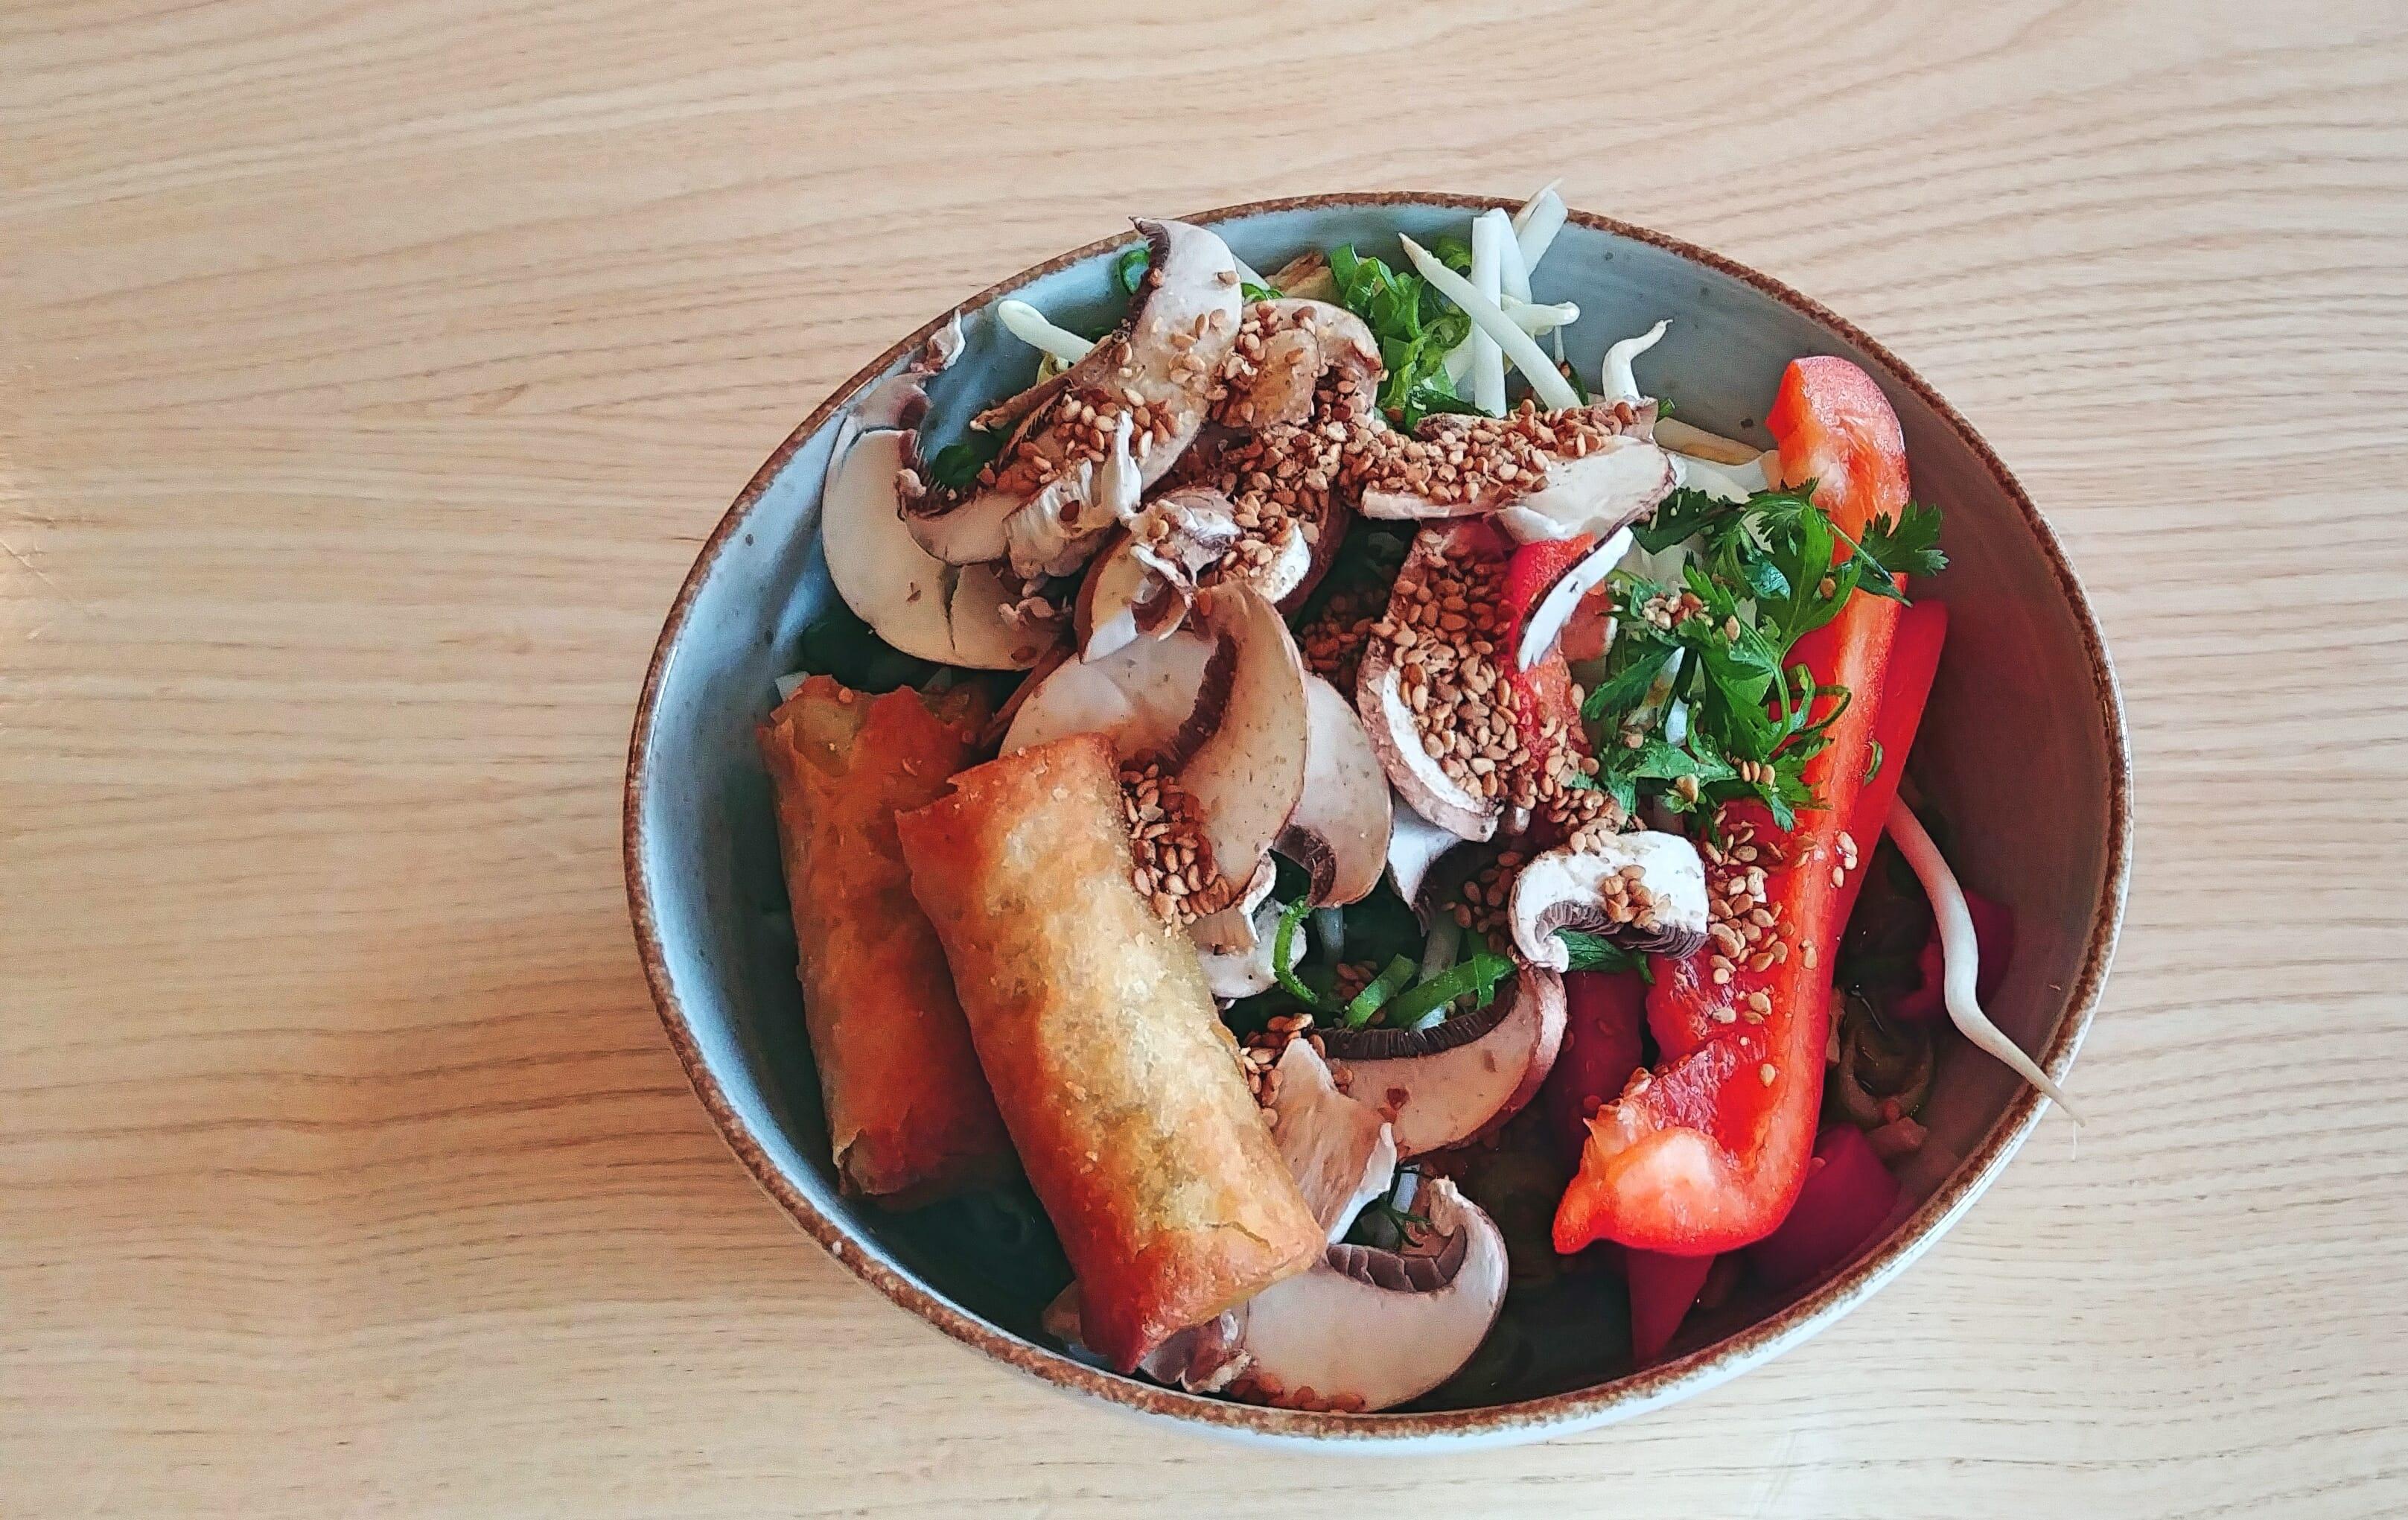 Unsere Küche im ChieneHuus: regional, saisonal, gesund und lecker